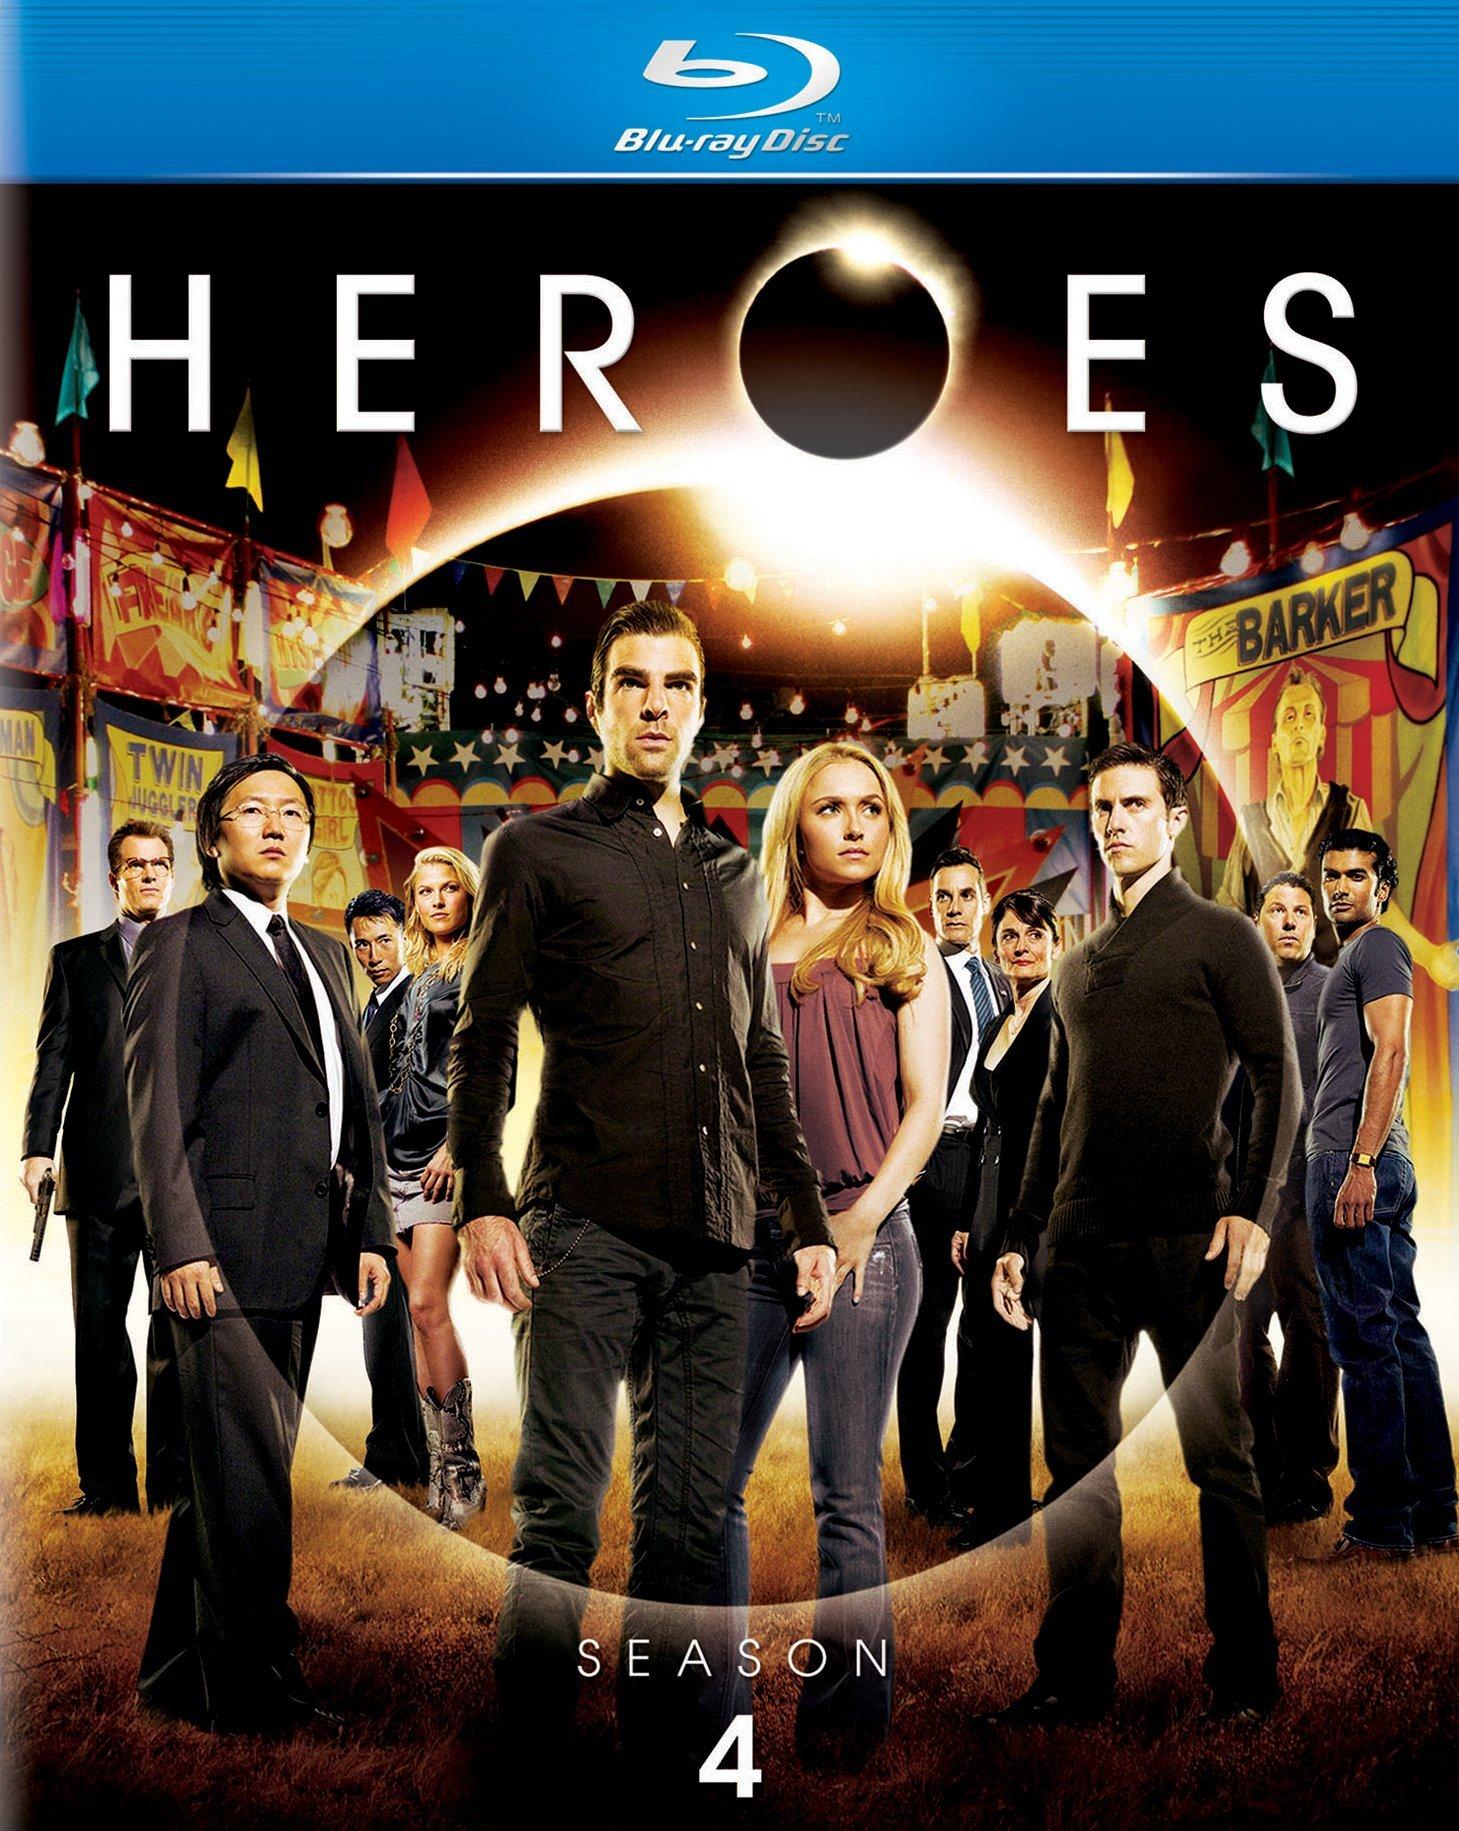 Heroes series free download | genius inside.